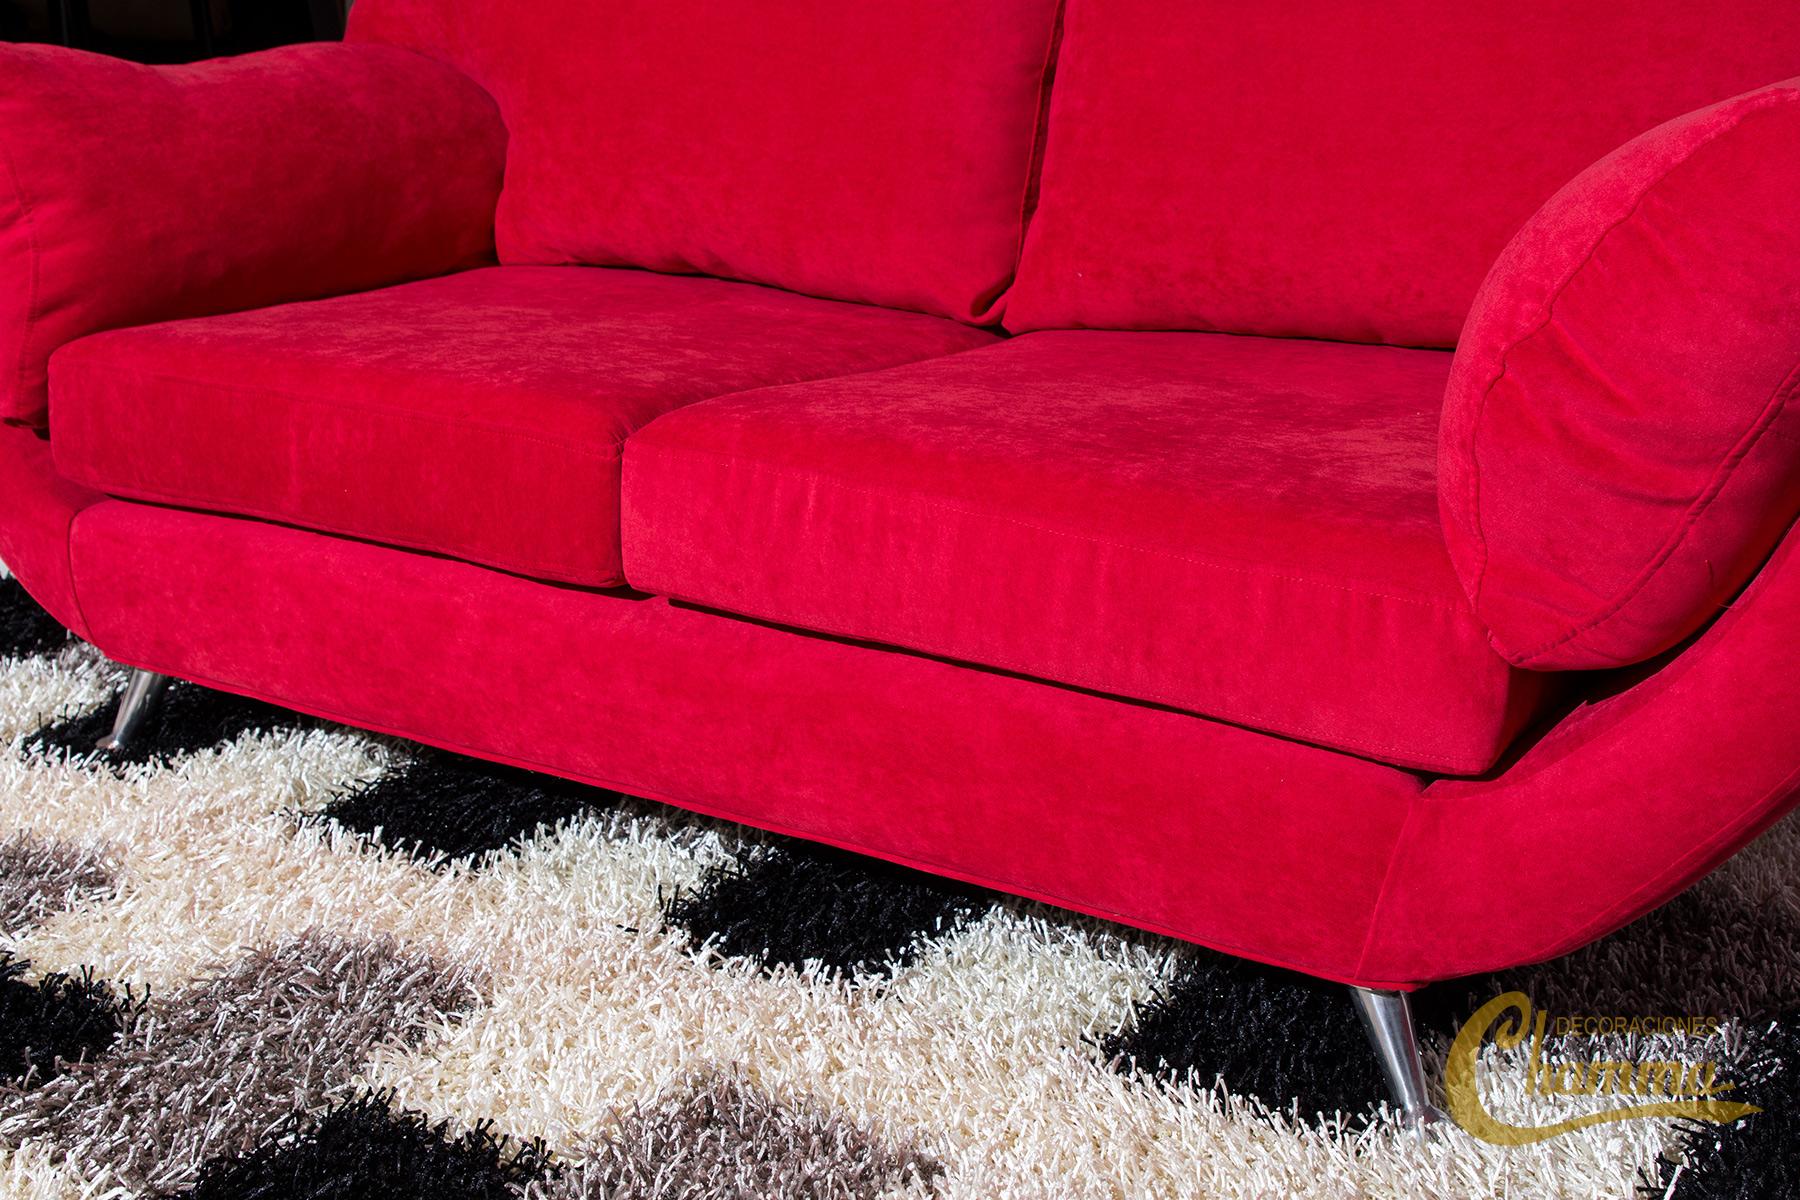 Alfombras las alfombras son apreciadas por sus valores for Alfombras carpetas modernas